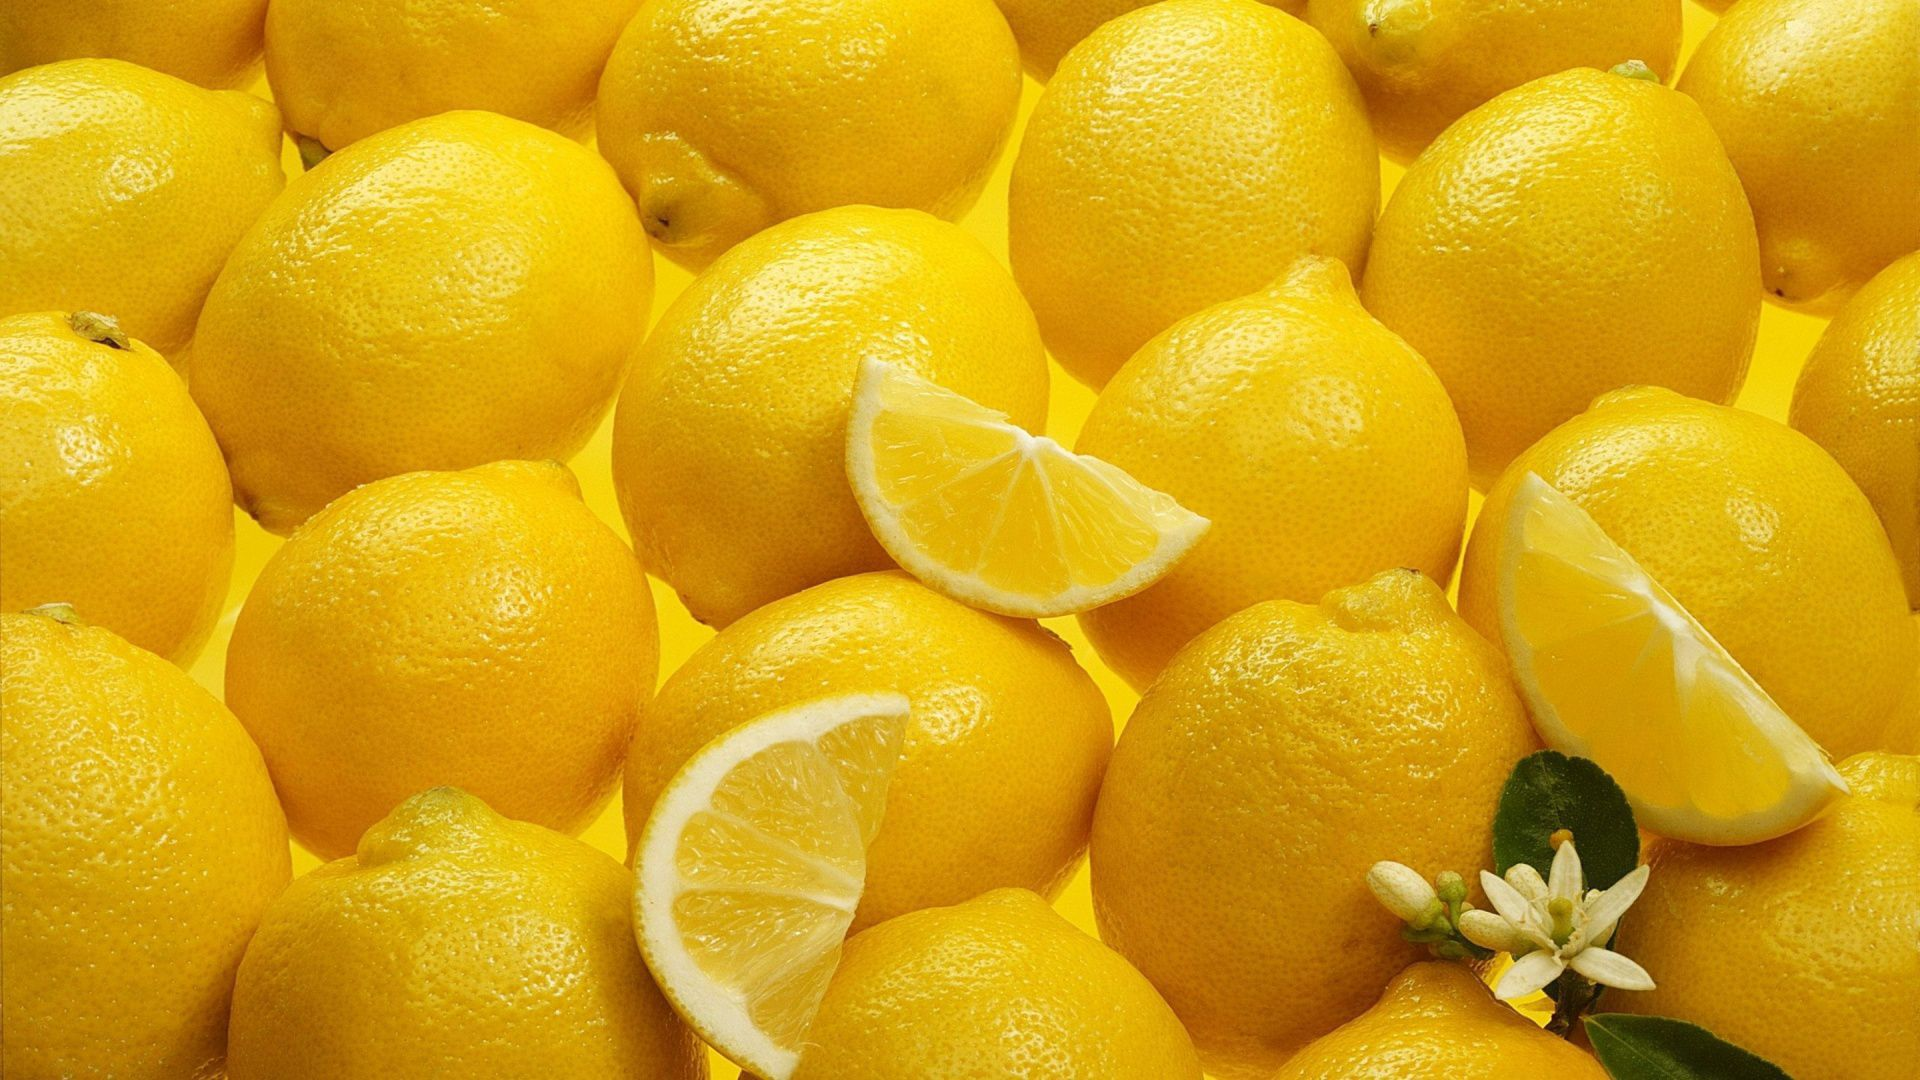 Lemon Images